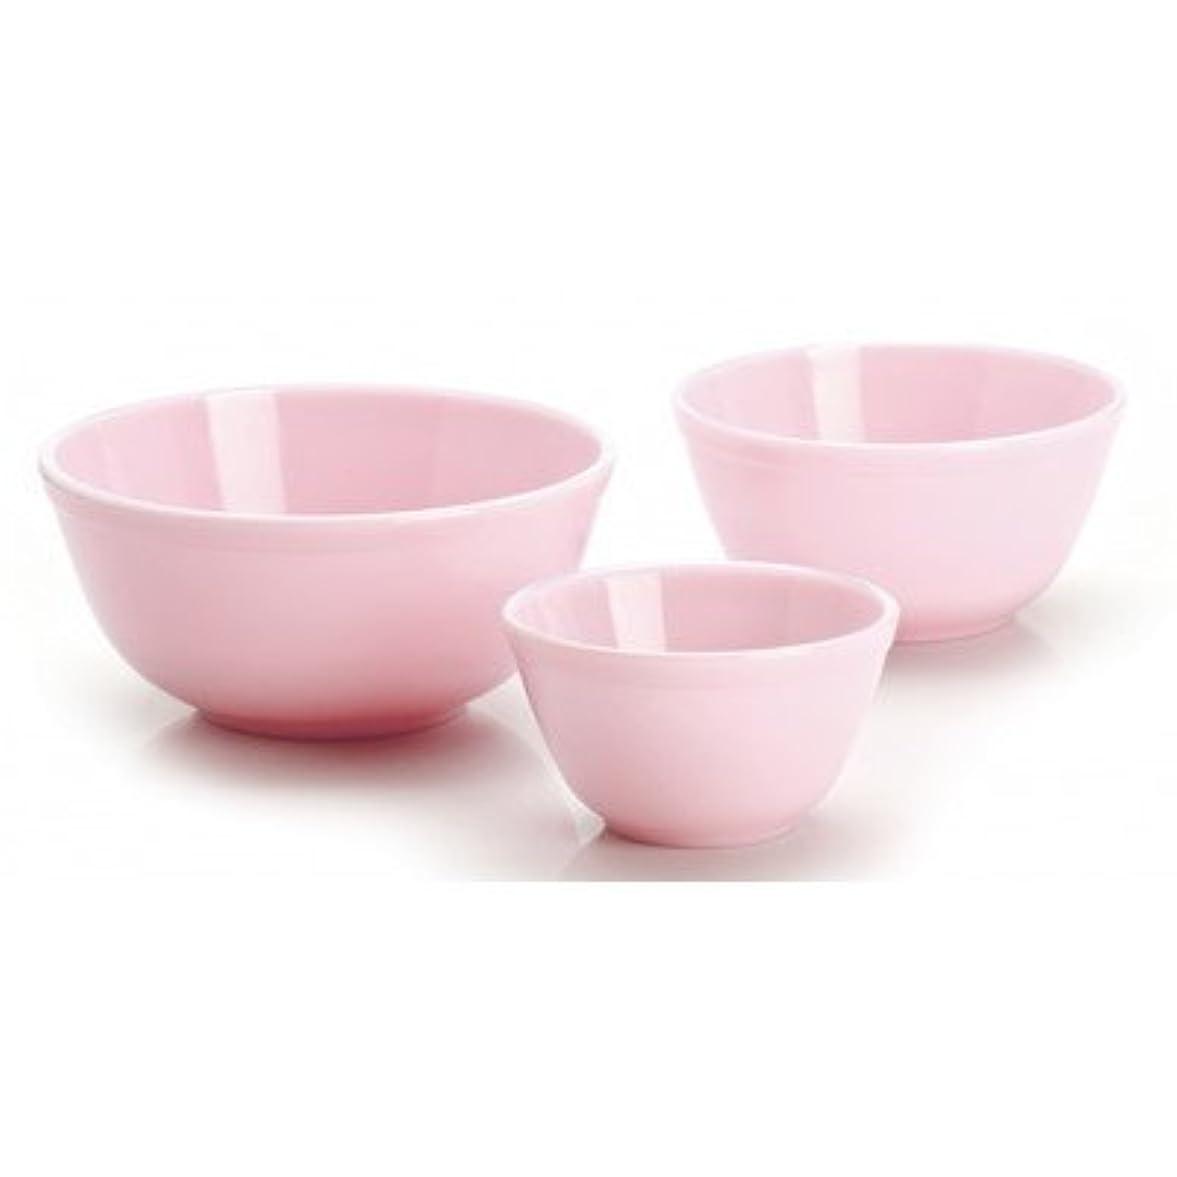 居住者びっくりするスーダン3 Piece Glass Mixing Bowl Set Color: Crown Tuscan